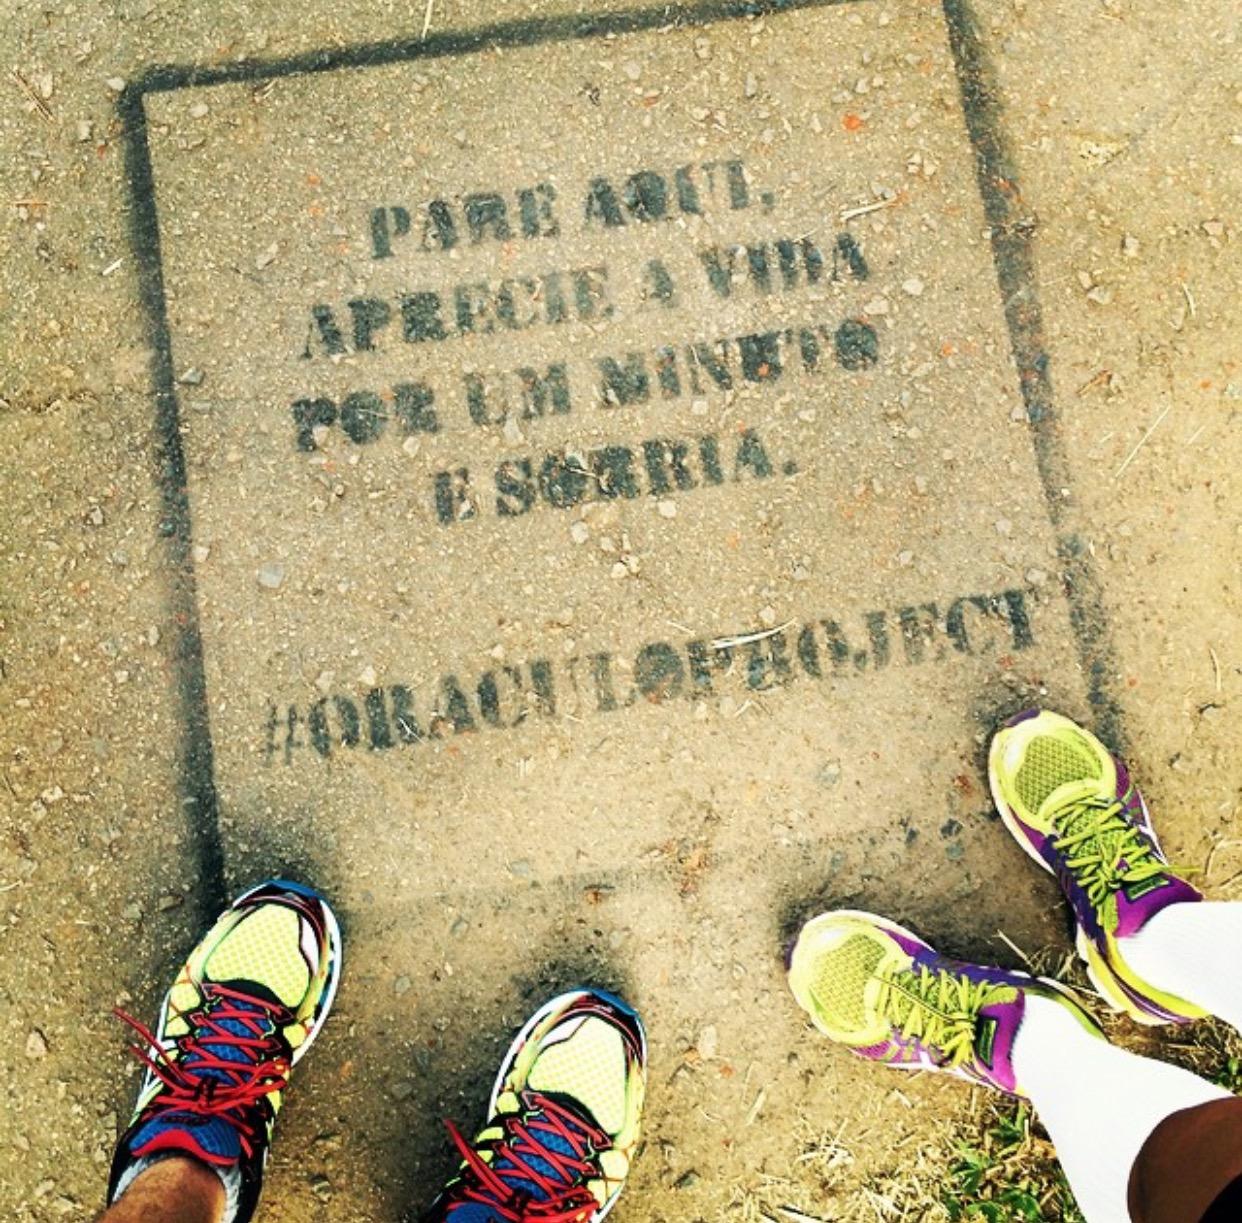 Correr pelo prazer de correr